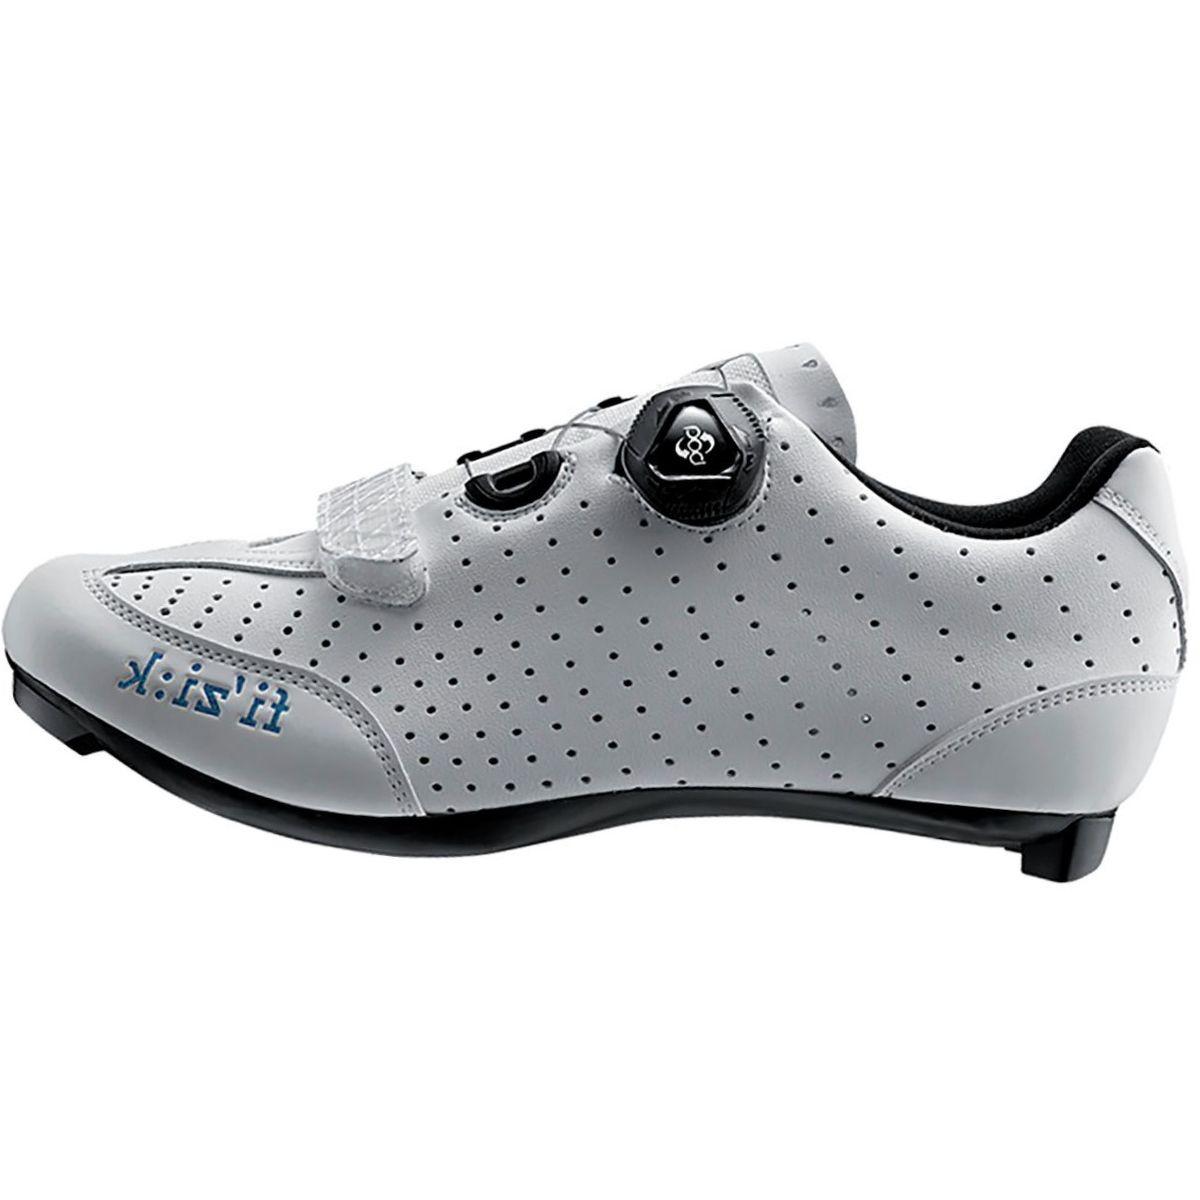 Fi'zi:k R3B Donna Boa Cycling Shoe - Women's